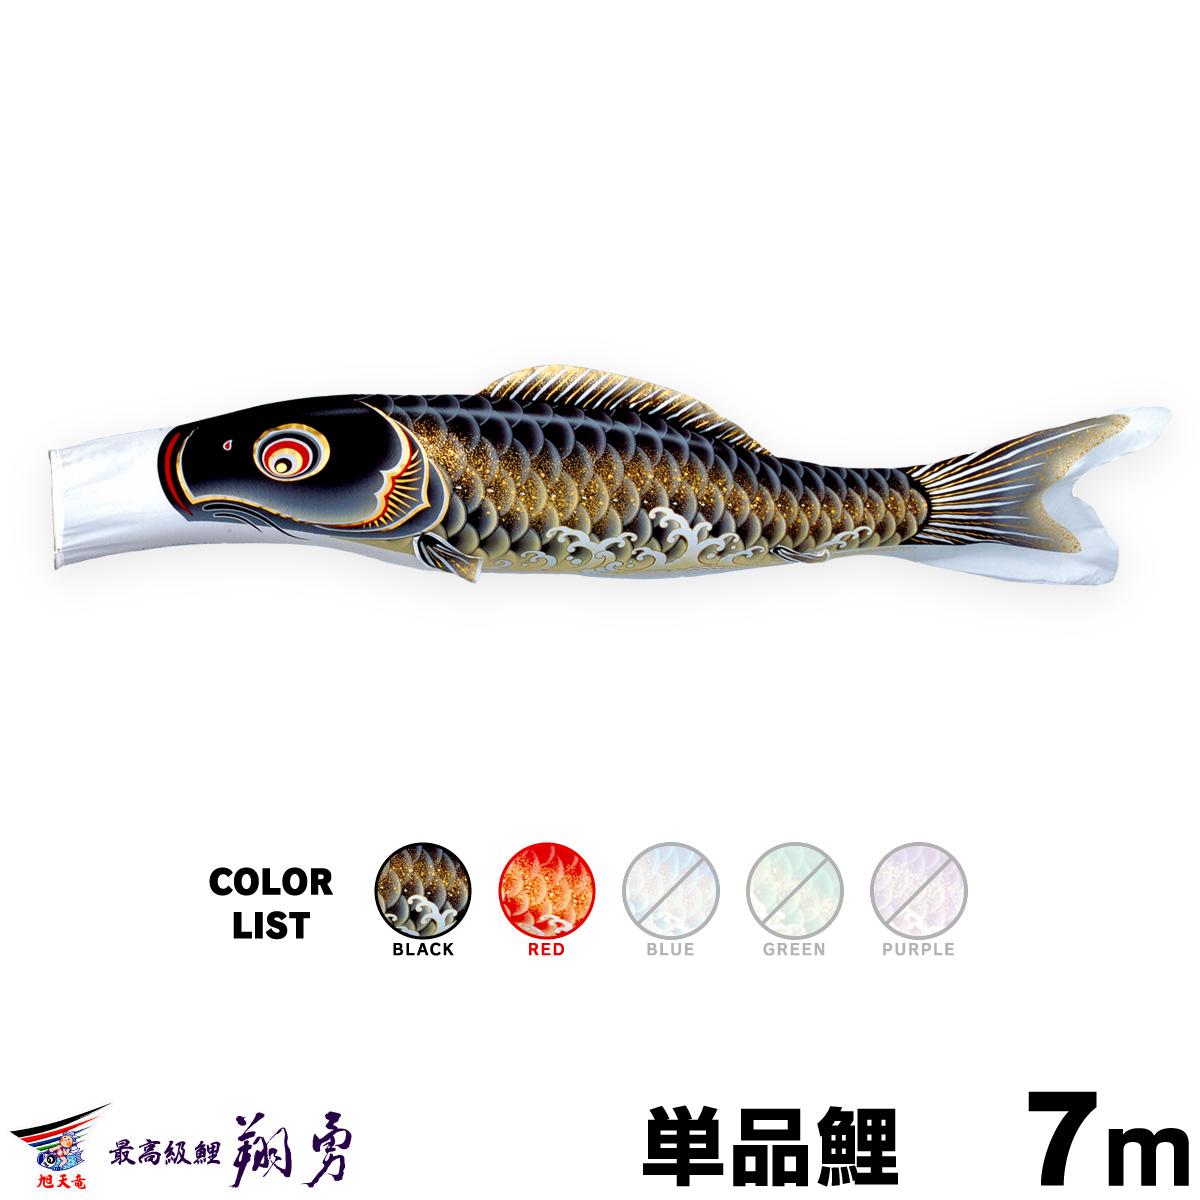 【こいのぼり 単品】 翔勇鯉 7m 単品鯉